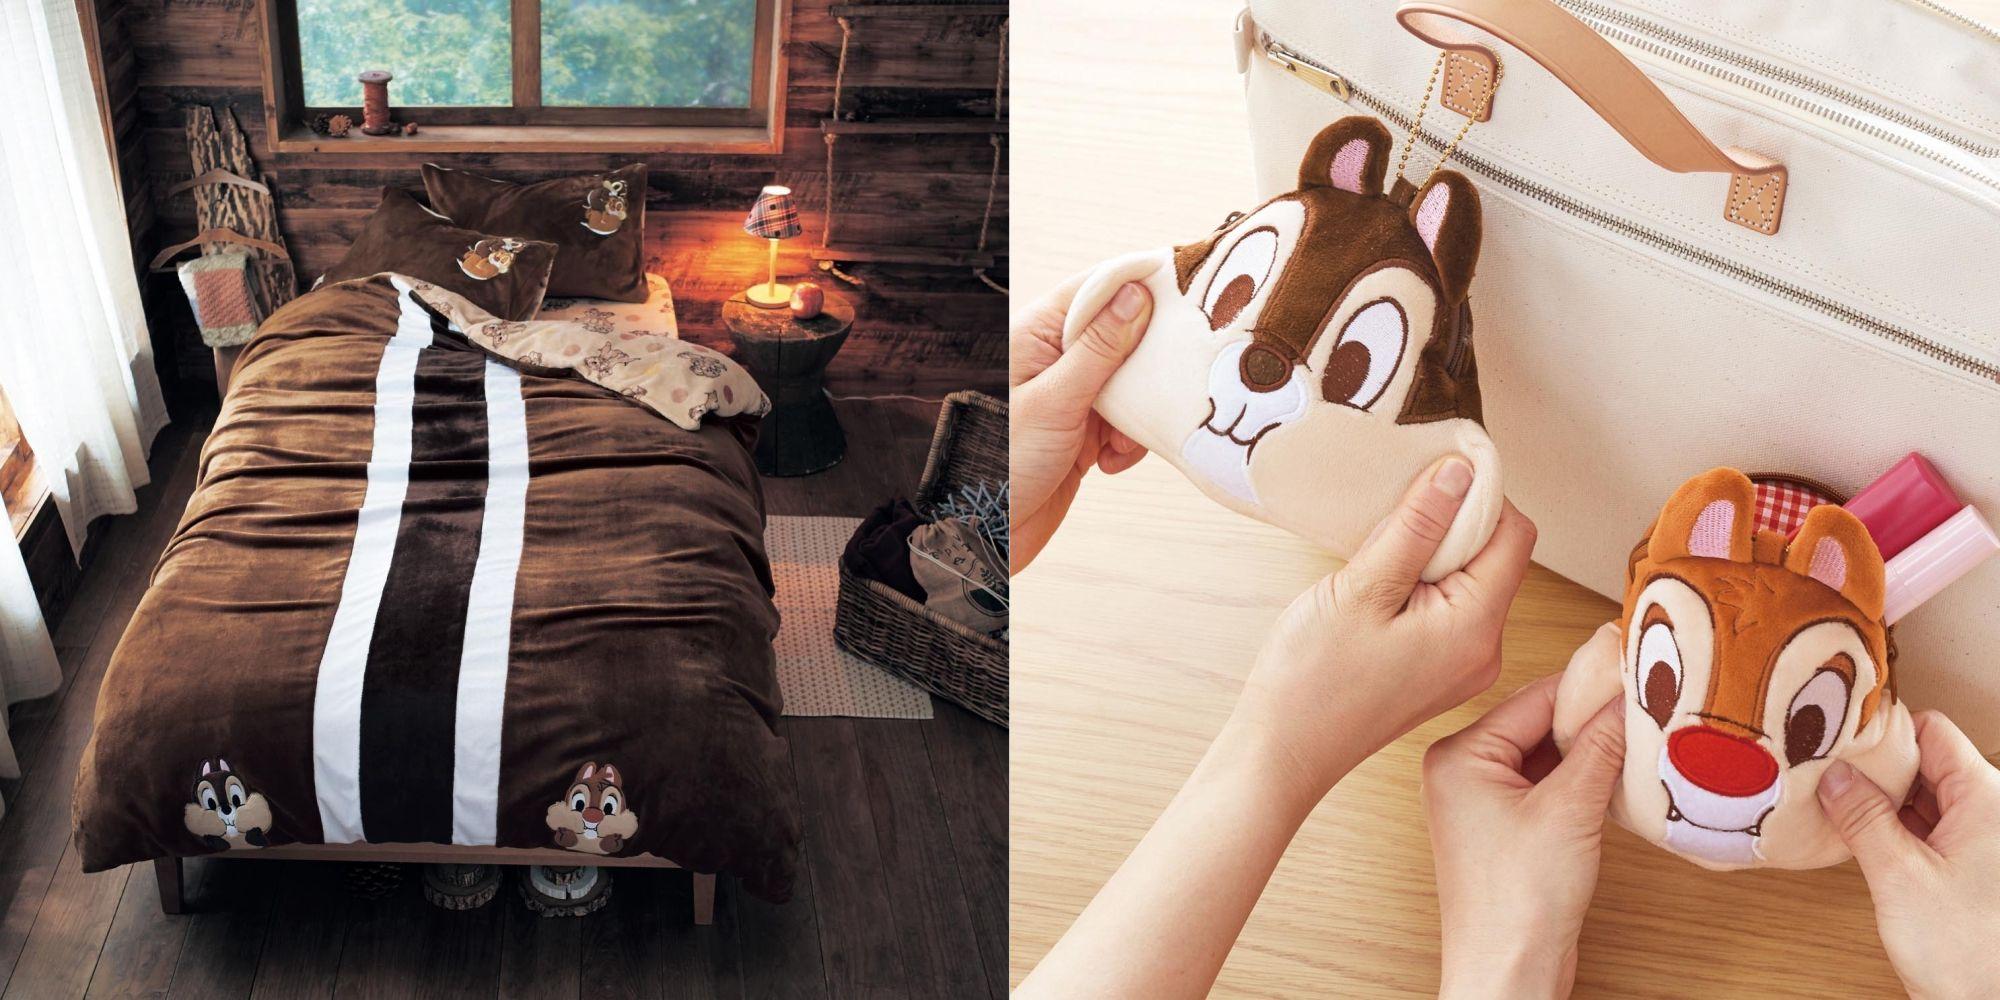 「奇奇與蒂蒂」的家居設計來襲!日本 BELLE MAISON 推出床單、枕頭、睡衣... 腦粉慎入!